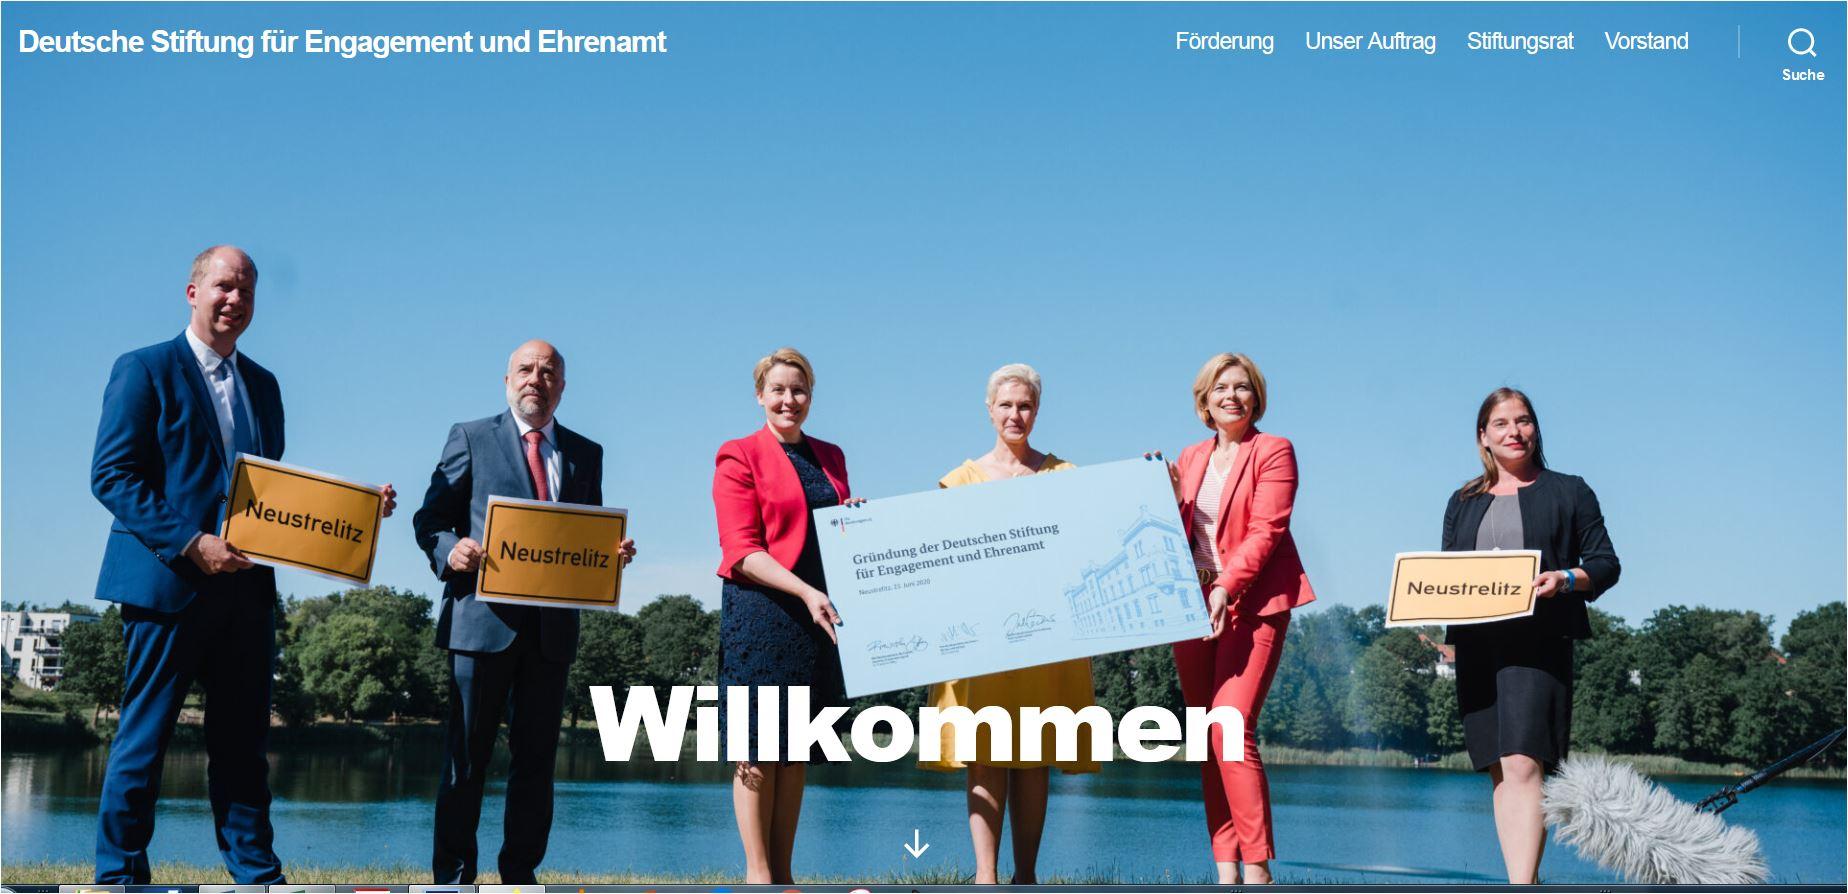 Hat ein umfangreiches und für gemeinnützige Golfclubs interessantes Förderprogramm aufgesetzt: Die Deutsche Stiftung für Engagement und Ehrenamt